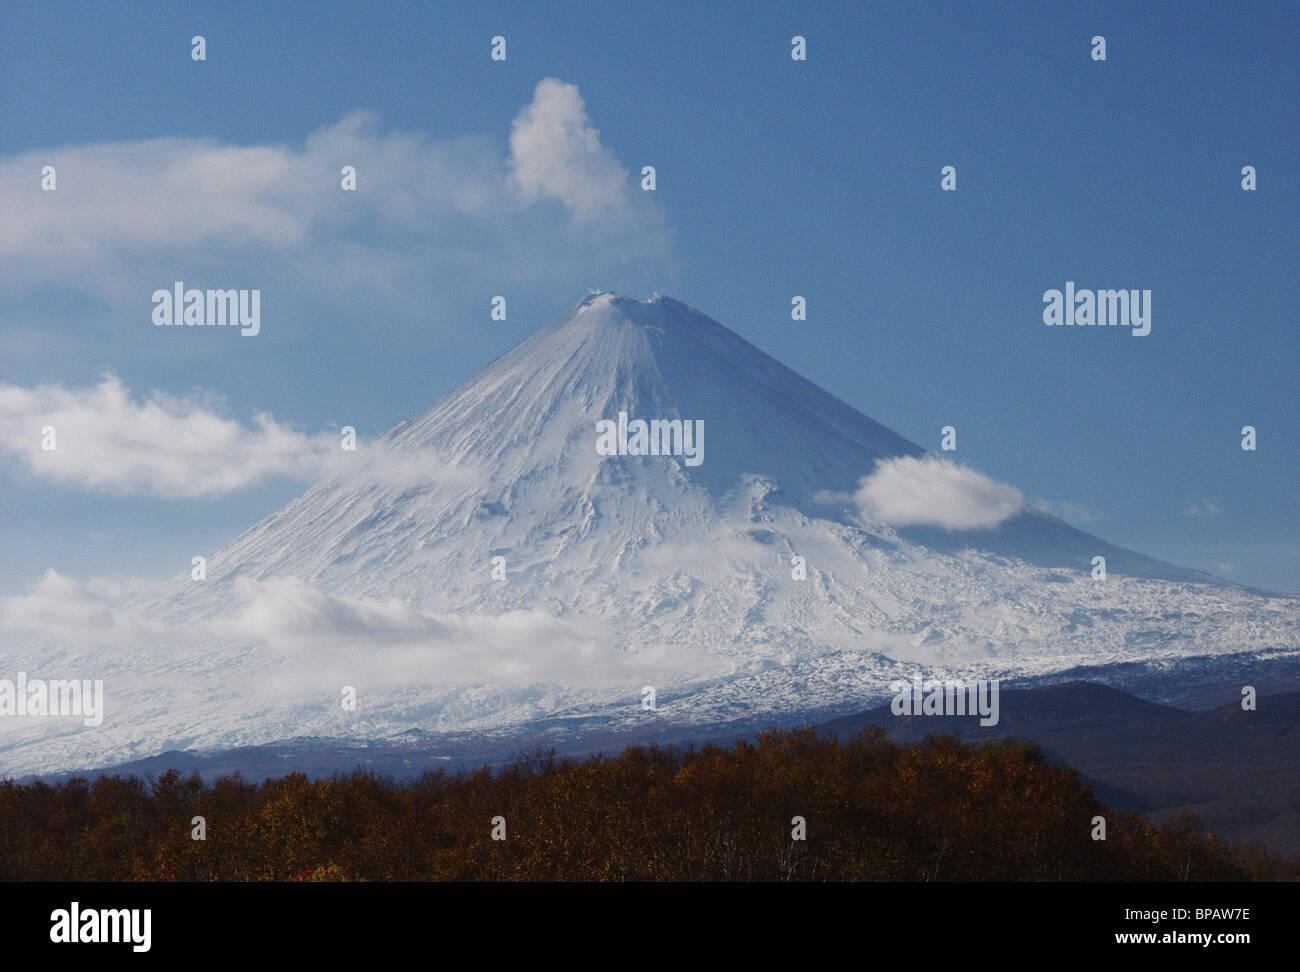 Klyuchevskaya Sopka Volcano in Kamchatka active again - Stock Image